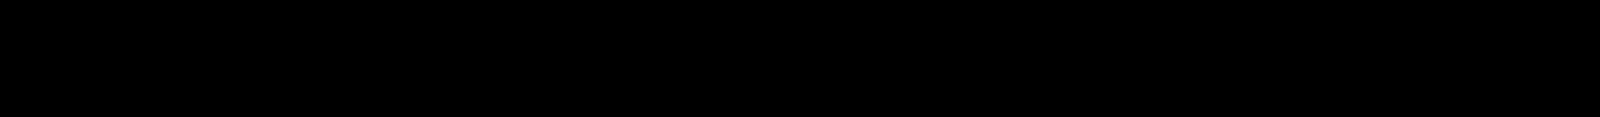 GEORGE KOLLIAS logo